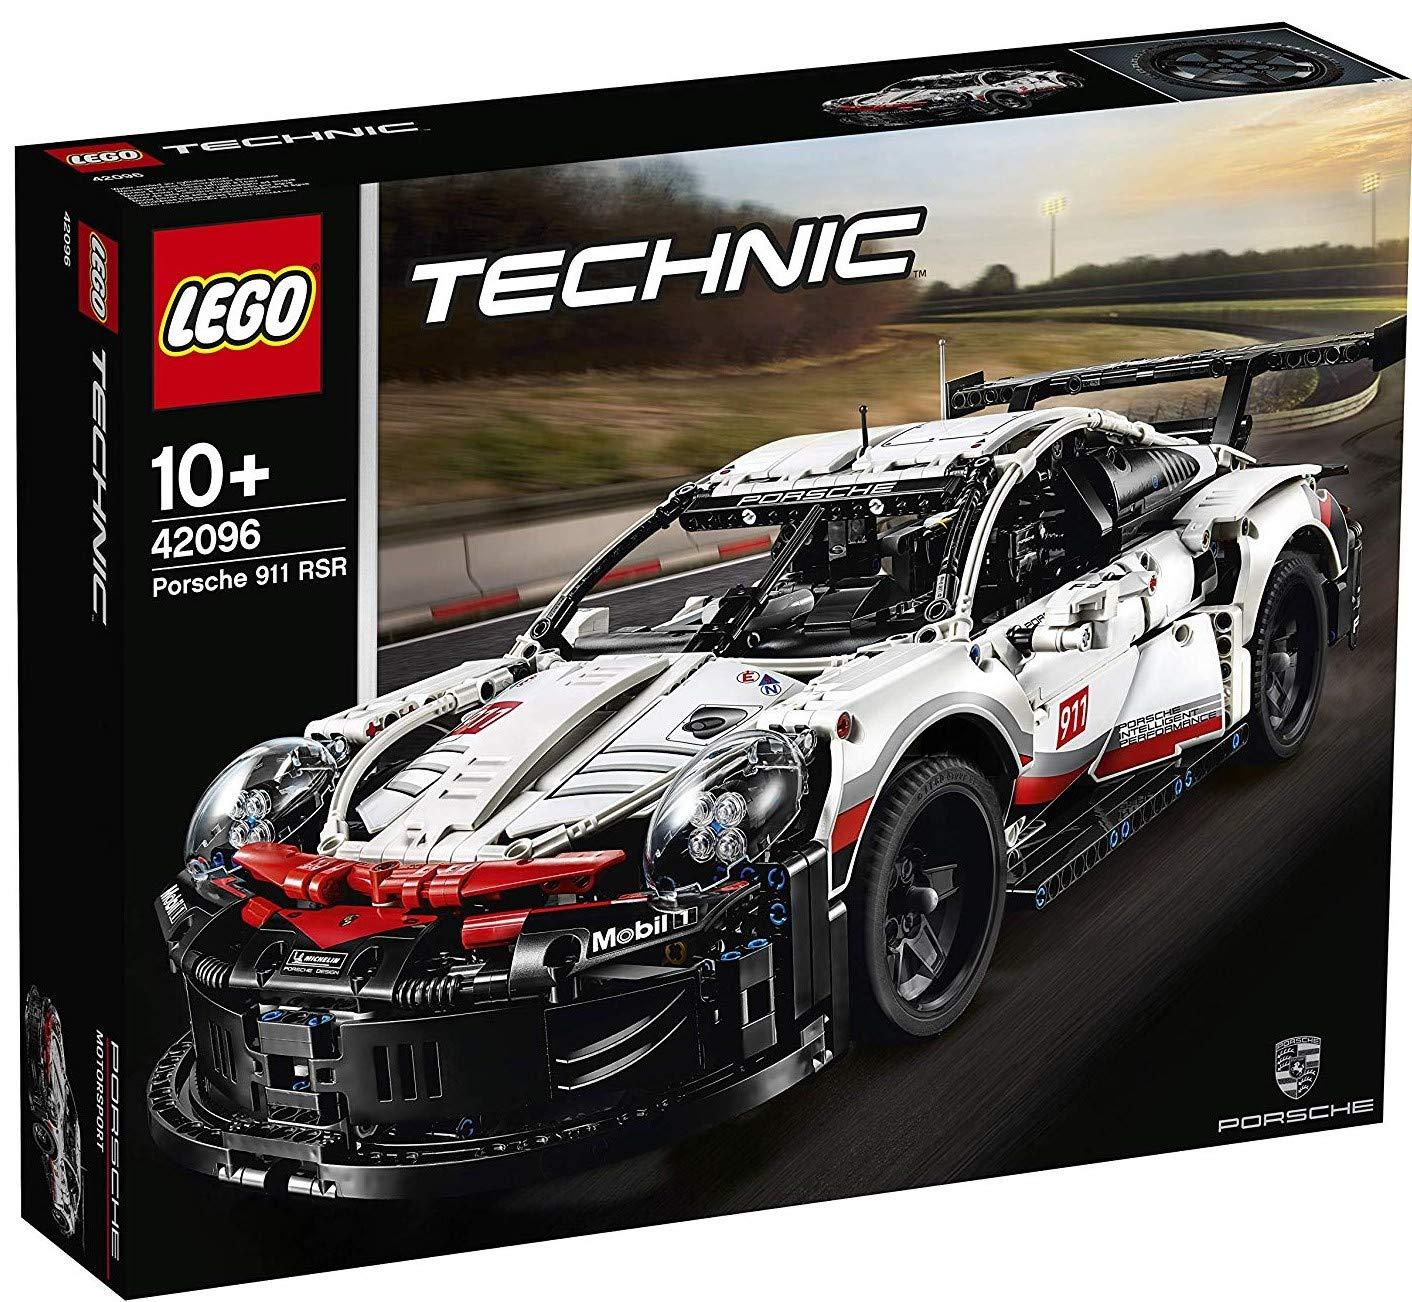 レゴ(LEGO) TECHNIC ポルシェ 911 RSR 42096 [並行輸入品]   B07NW5YWFG